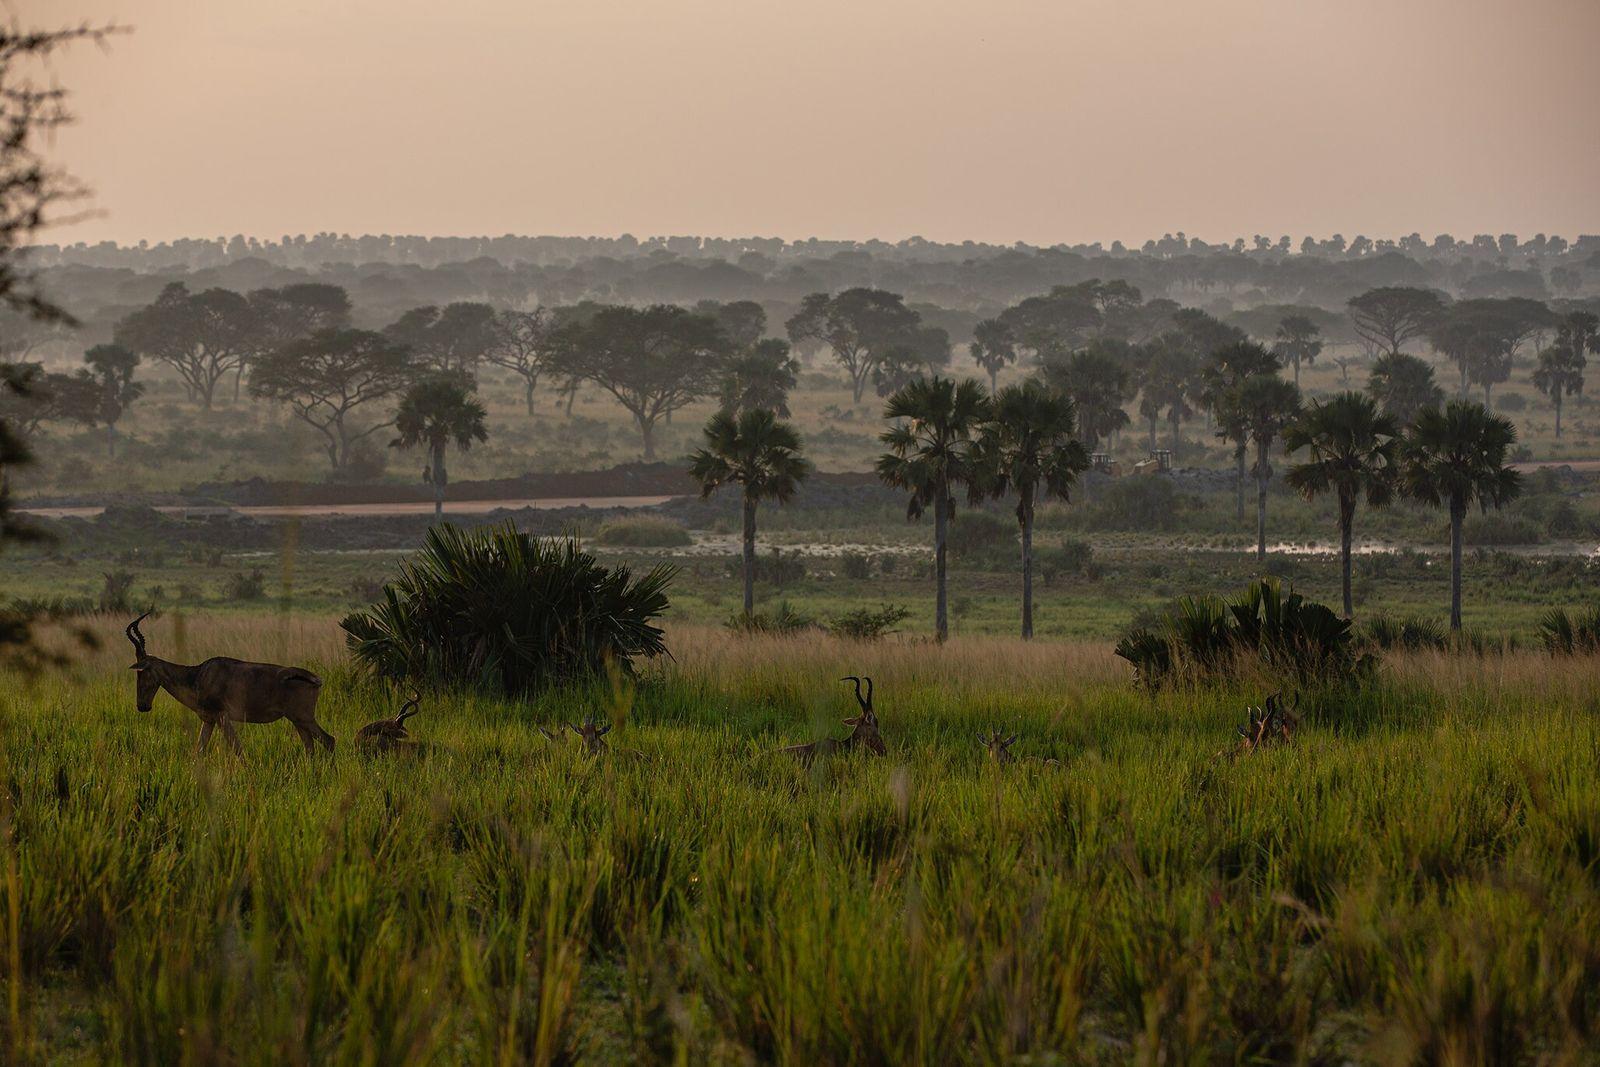 Em Murchison Falls, os caçadores furtivos colocam geralmente as armadilhas de manhã, e verificam as capturas ...